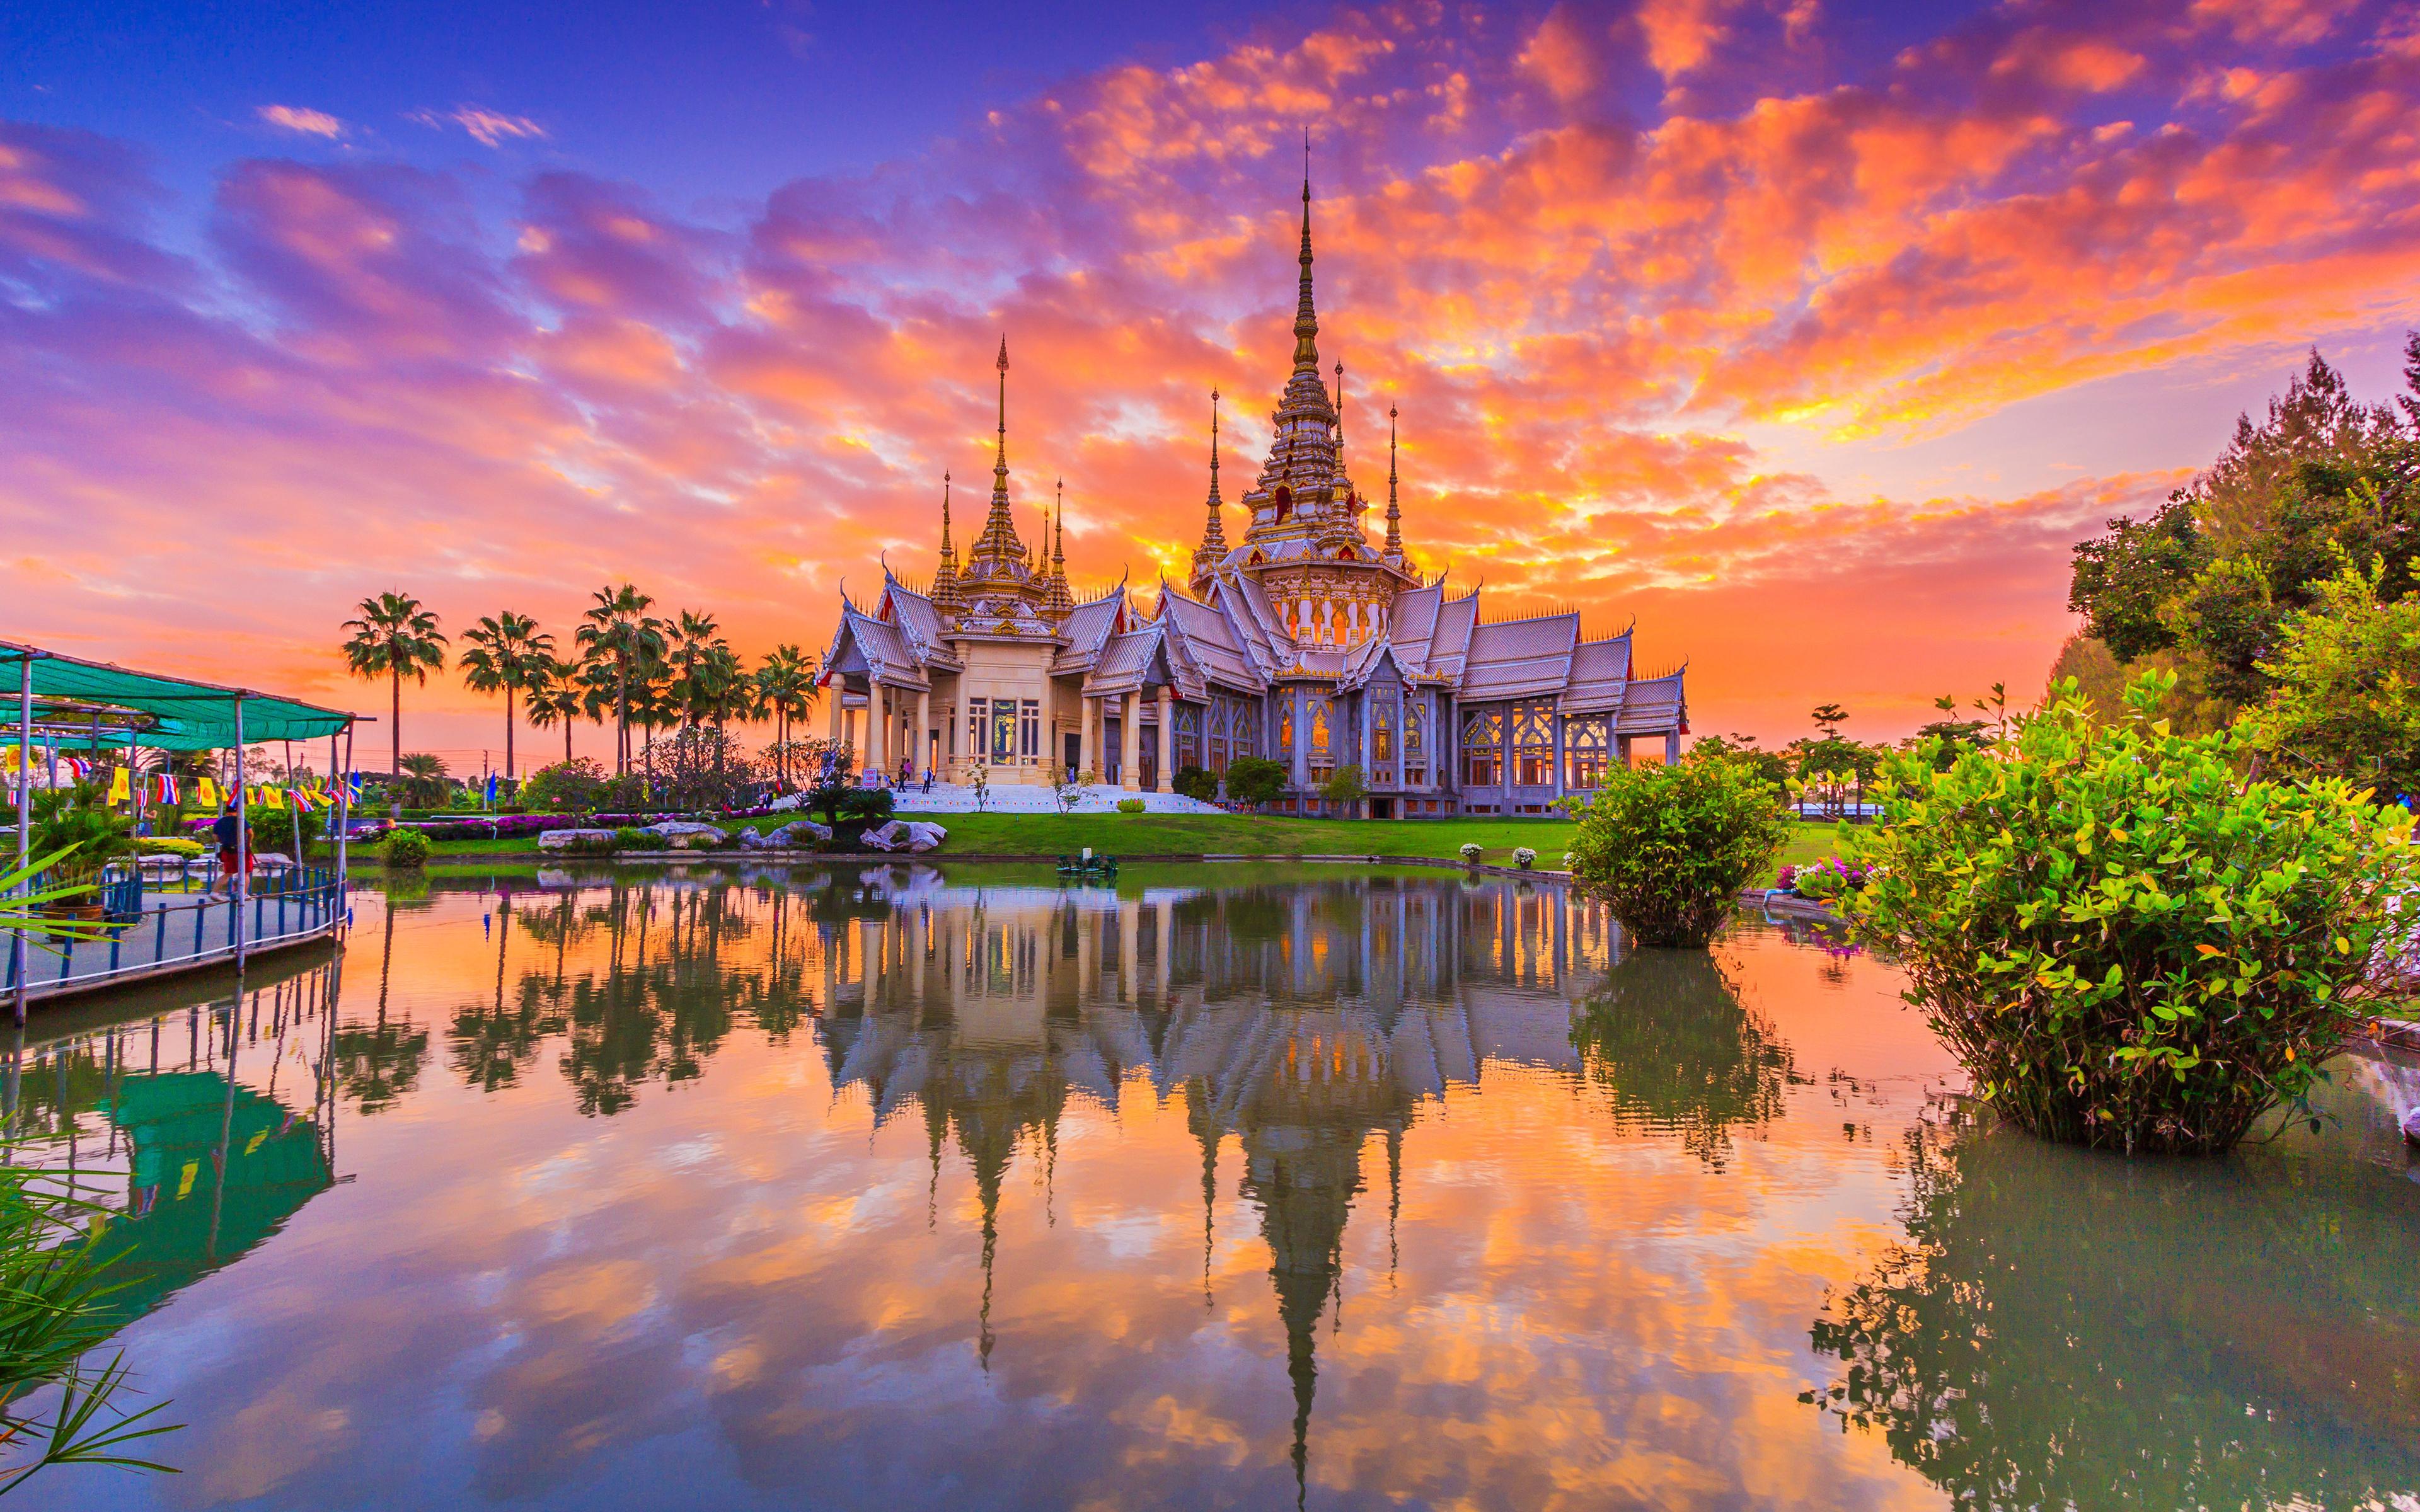 Меры безопасности для туристов в Таиланде будут усилены